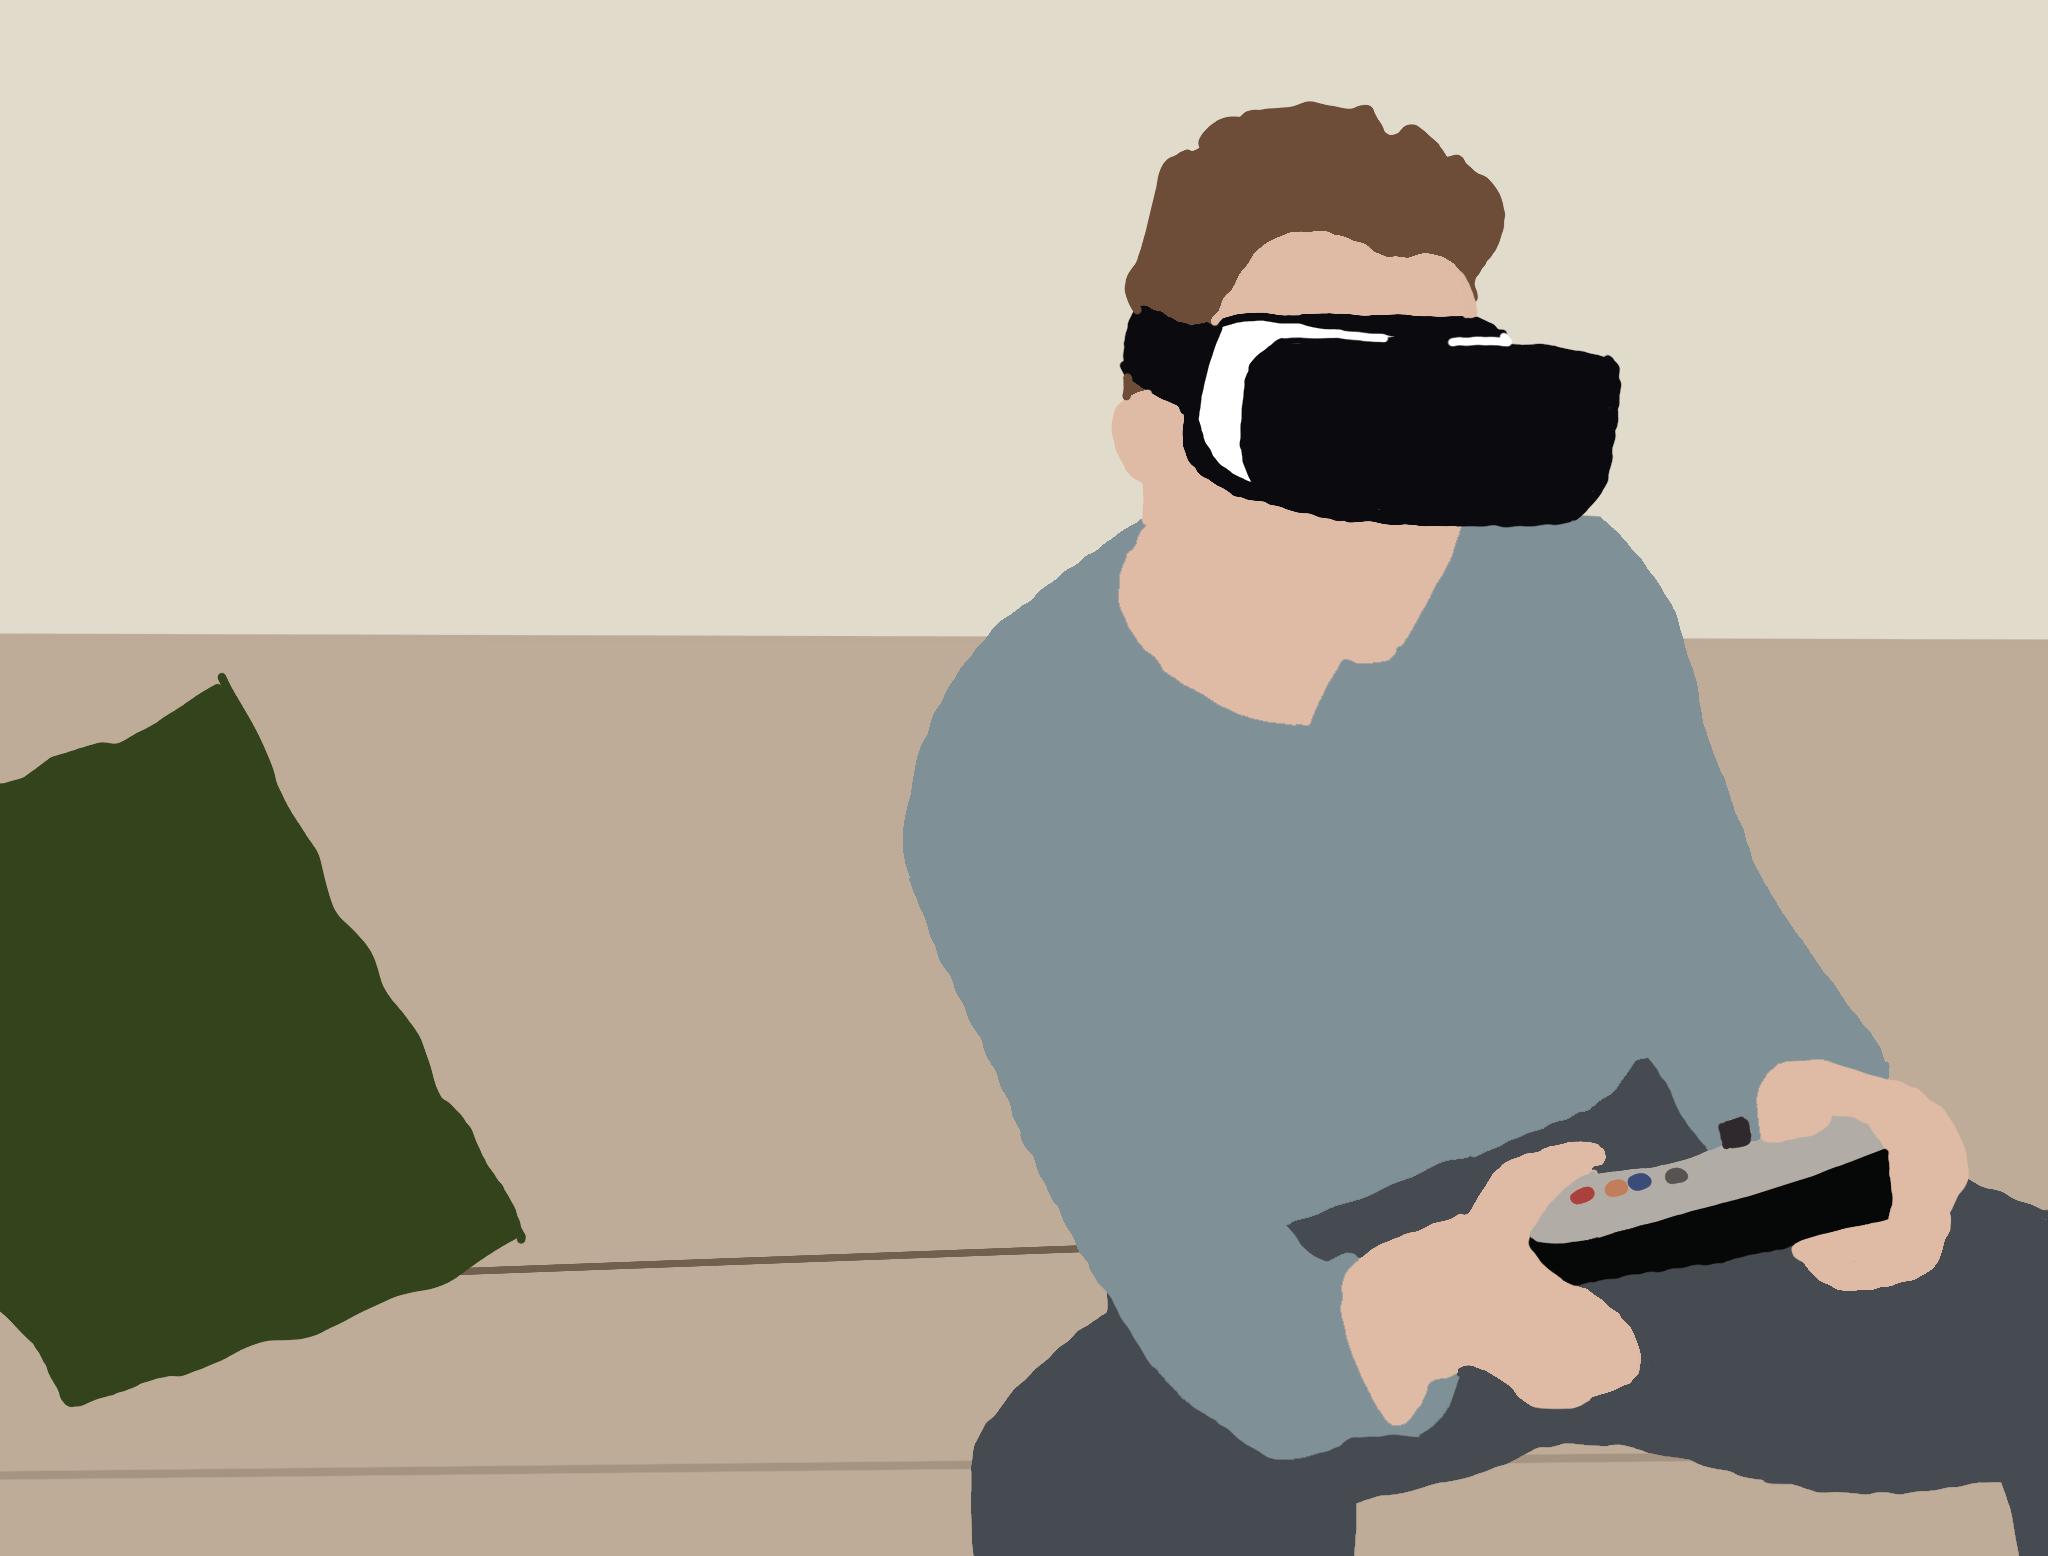 Cardboard Vr Brille Basteln : Echt vr ausstellung medienzentrum münchen